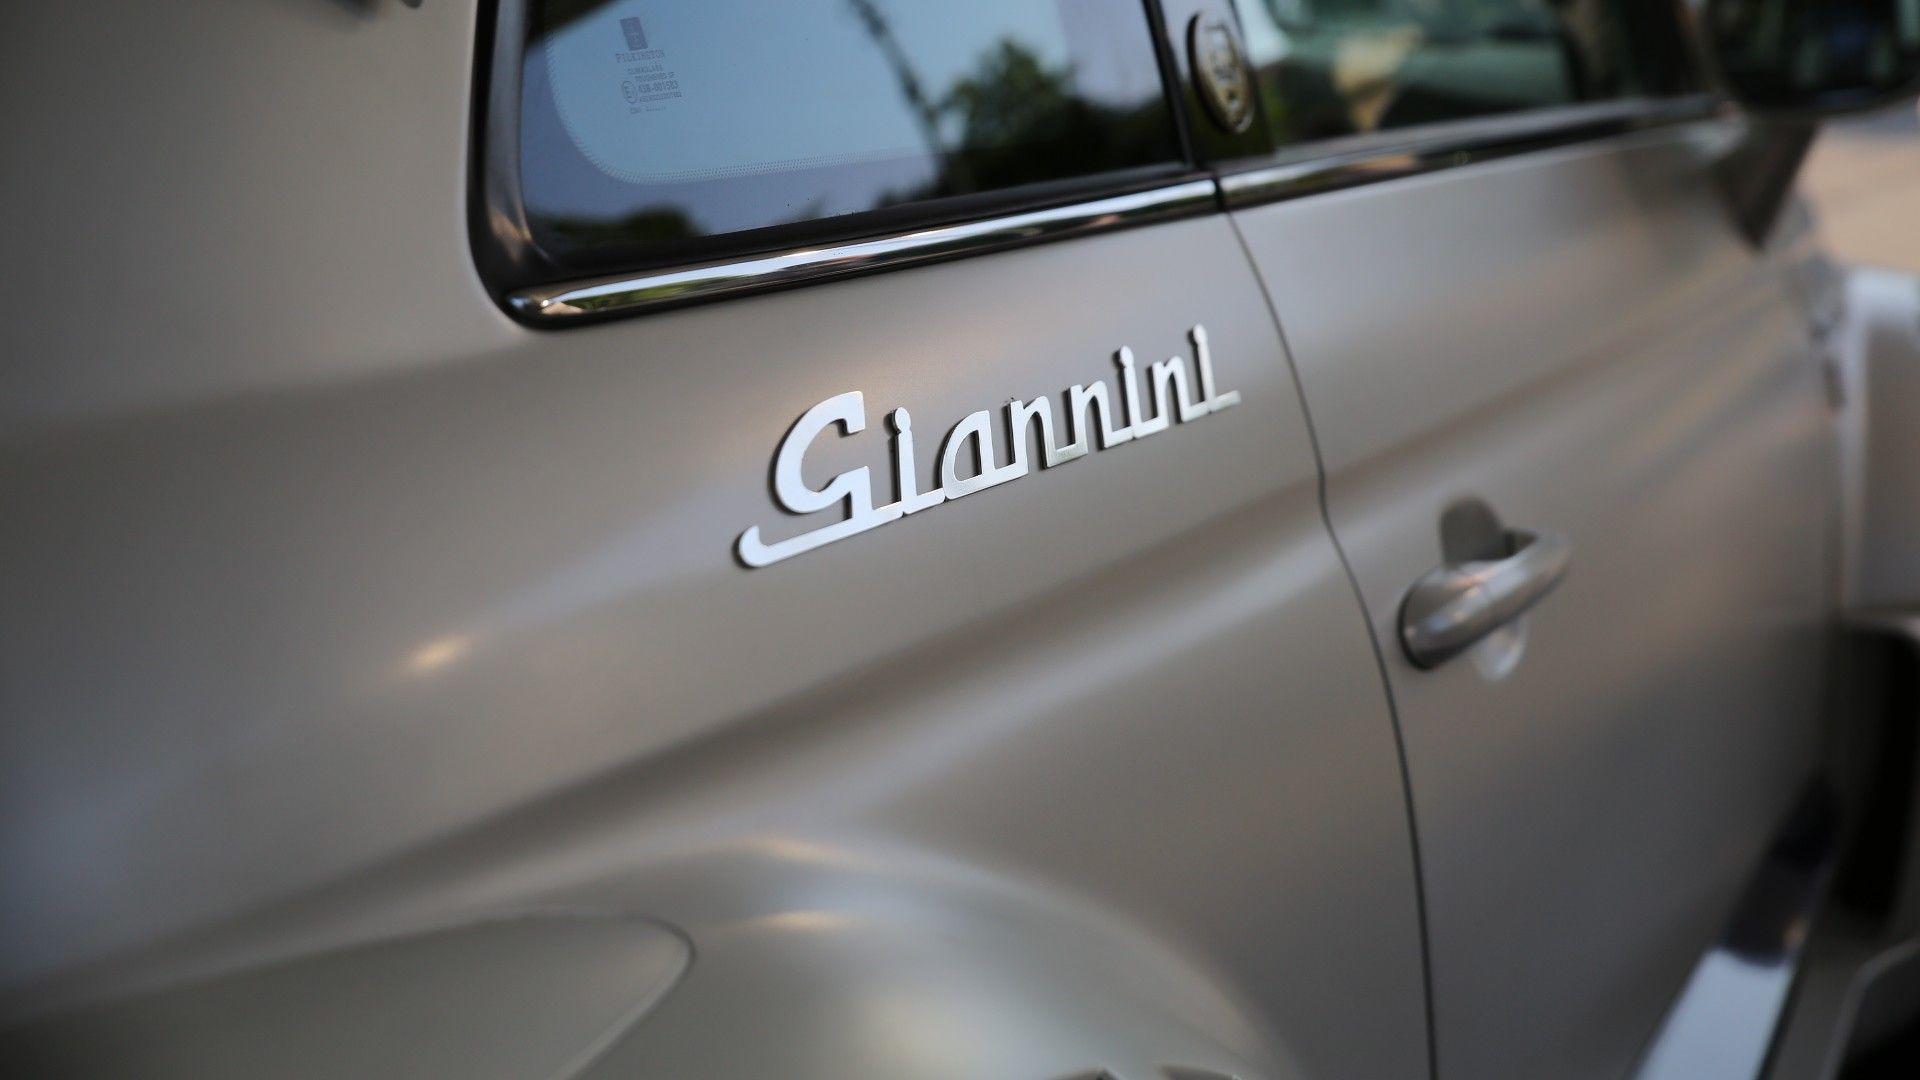 Fiat_500_Giannini_350_GP_Anniversario_24